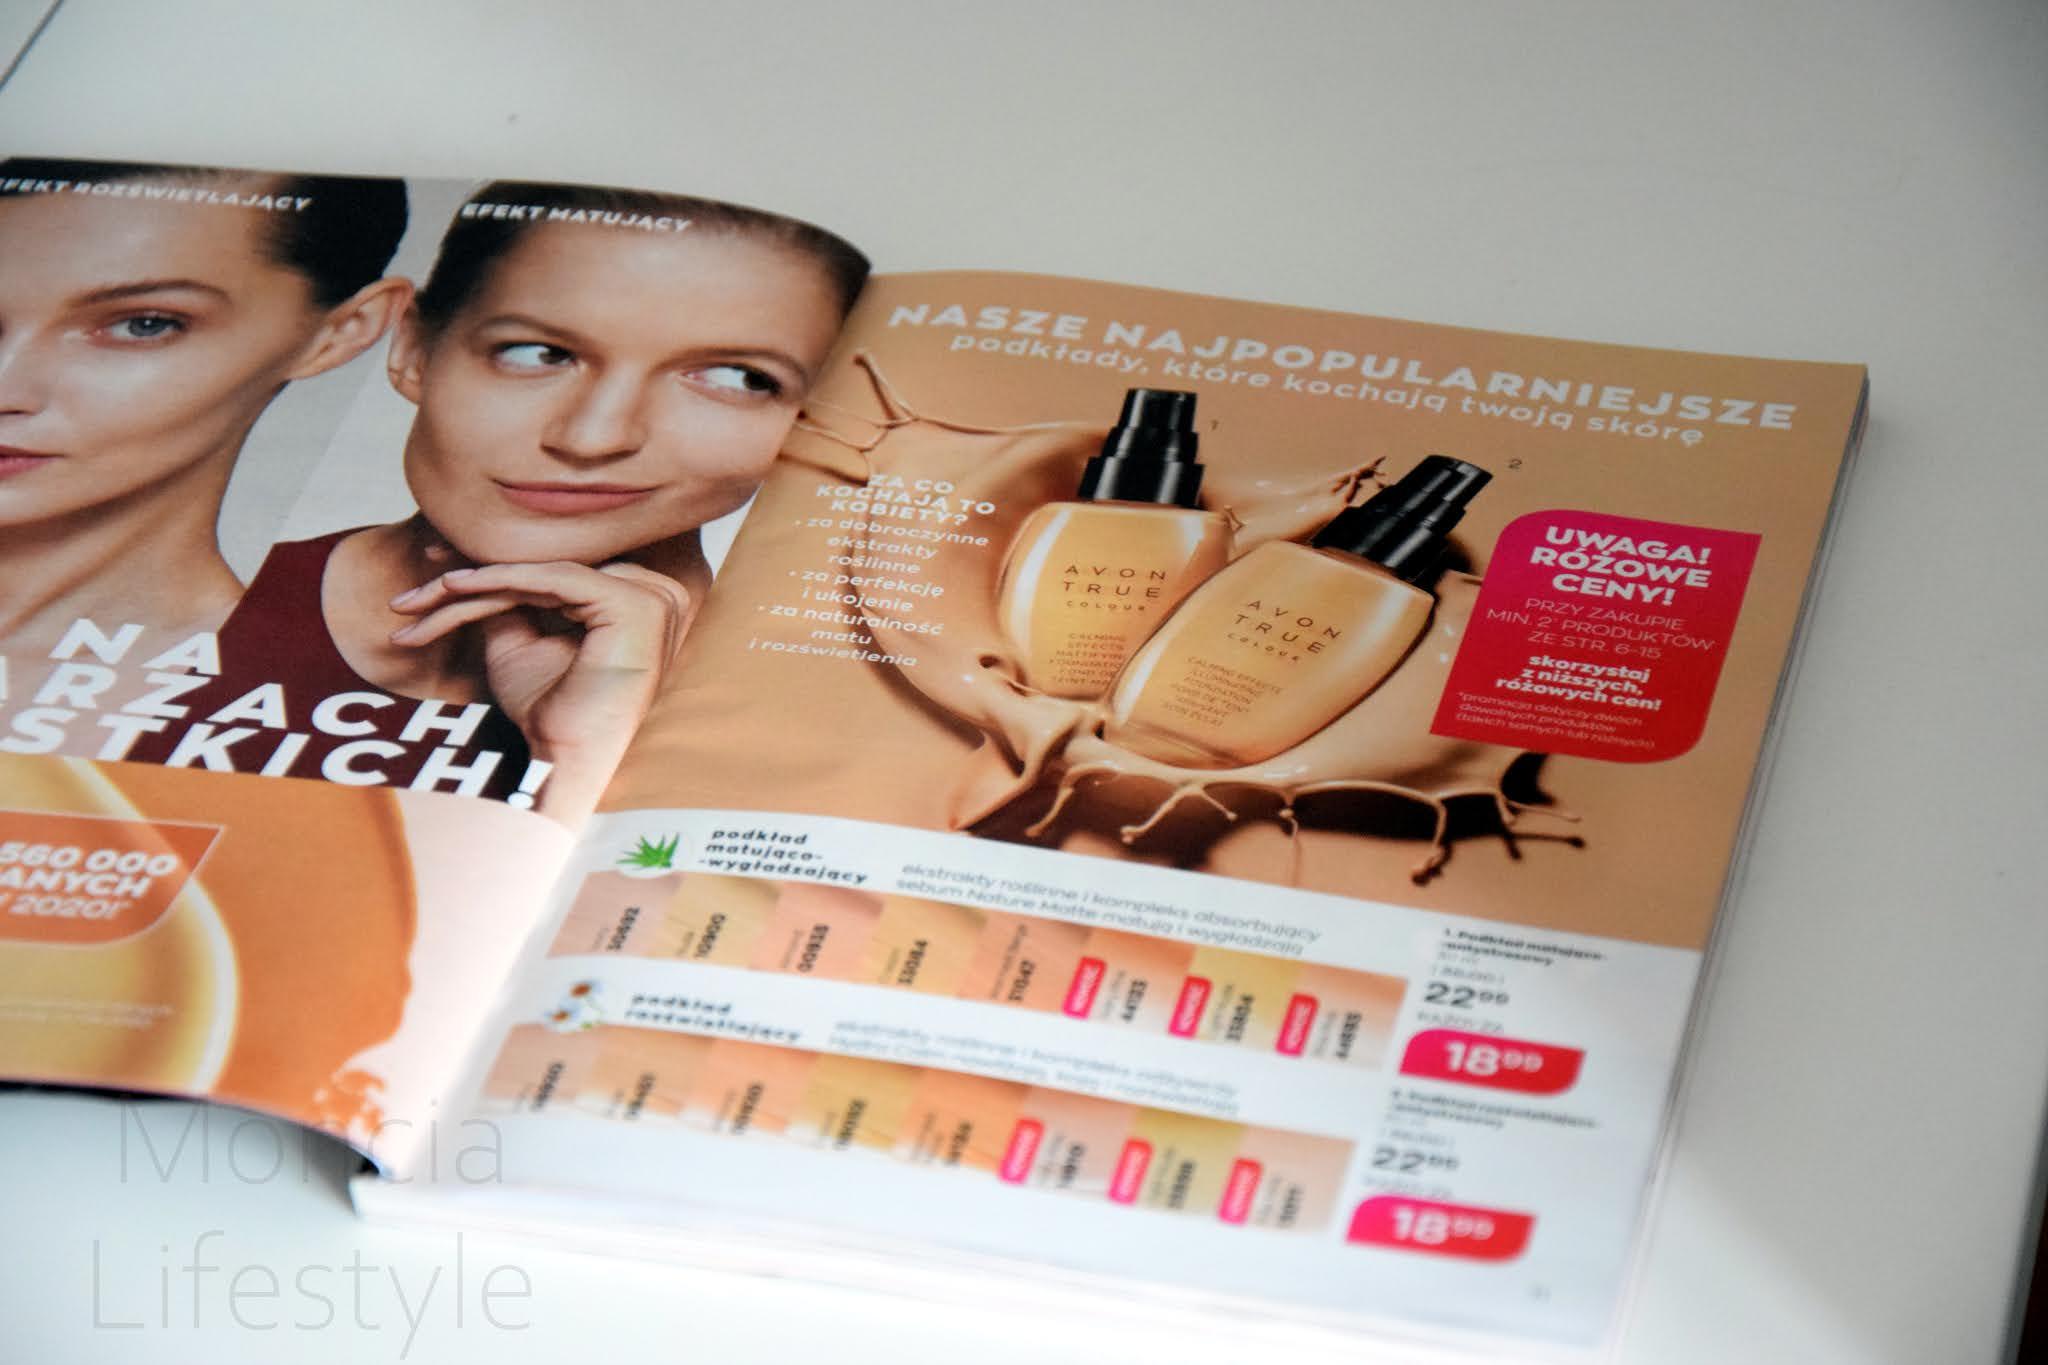 avon, katalog avon, avon polska, avon przegląd katalogu, nowości avon, avon kosmetyki, avon makijaż, avon zapachy, avon perfumy,